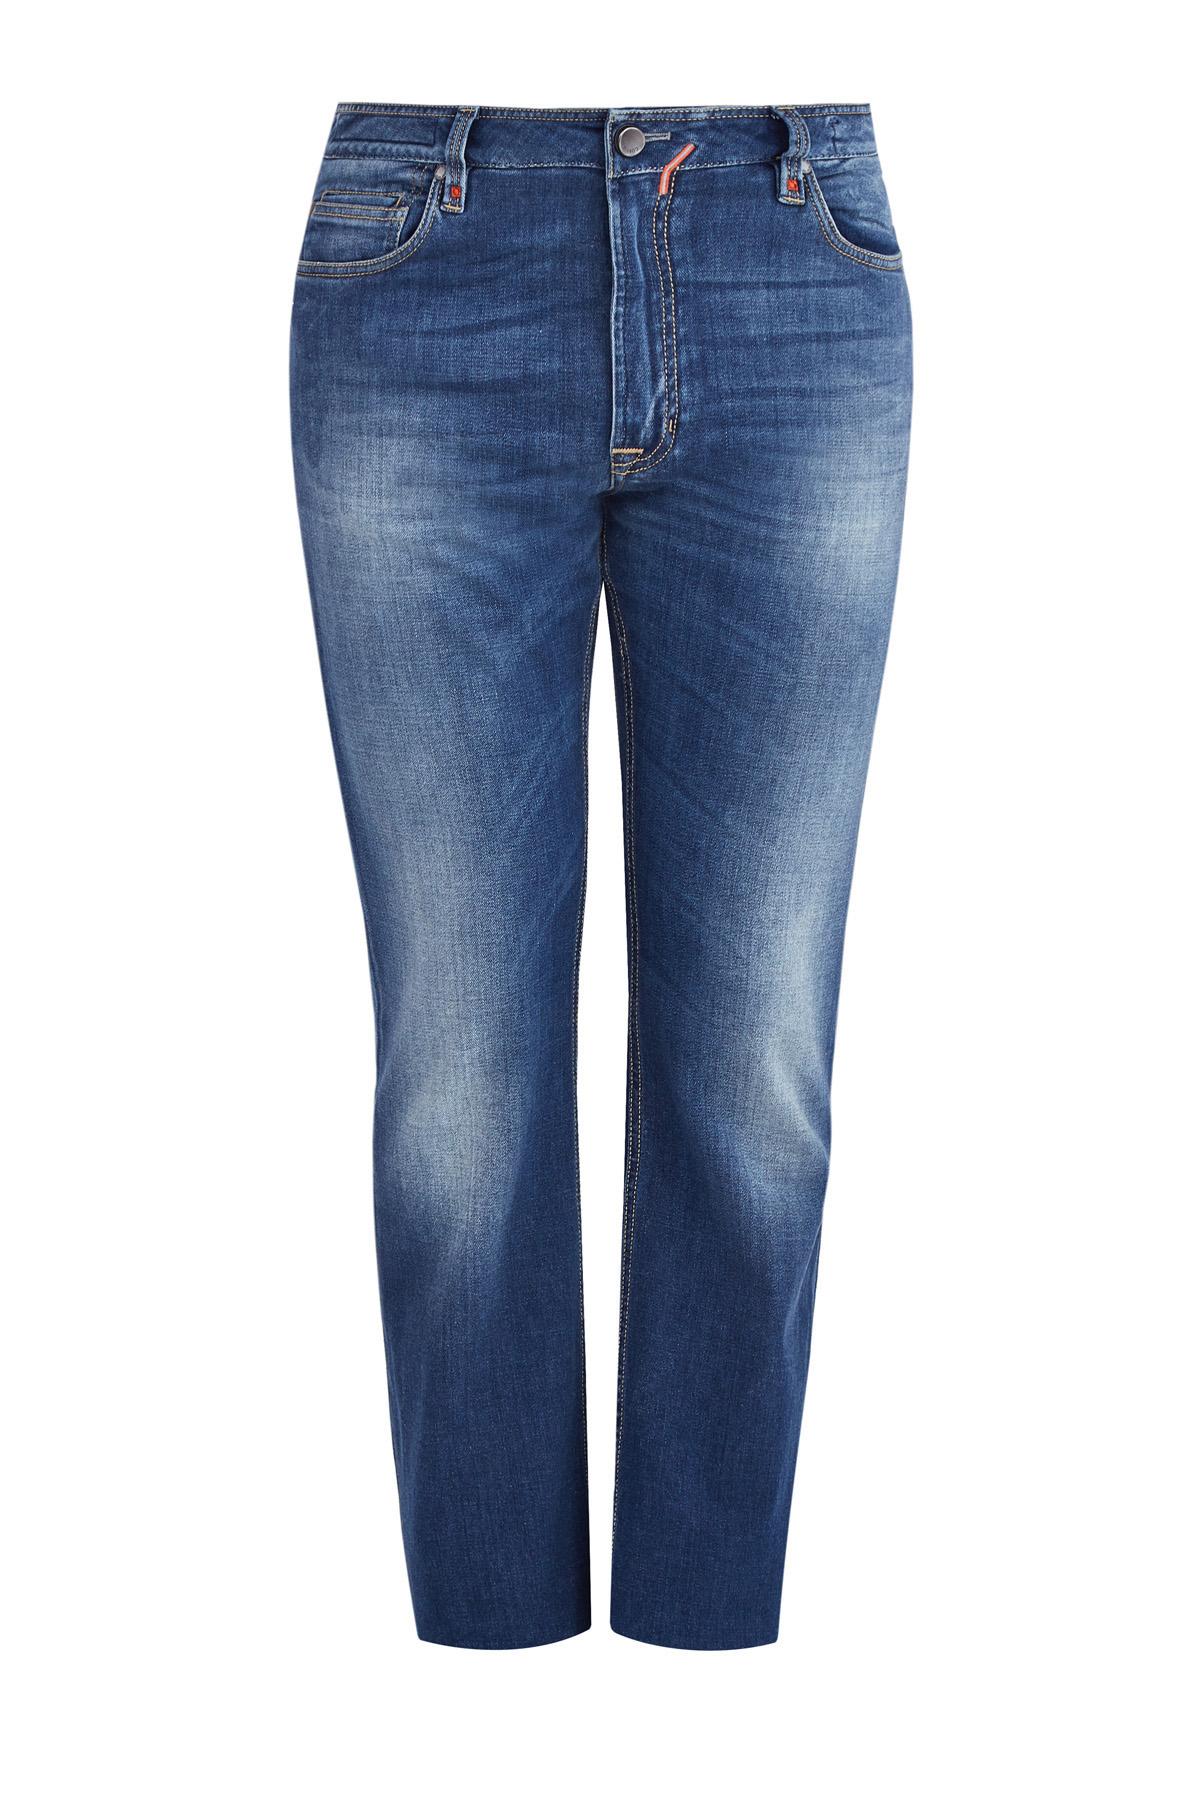 джинсыДжинсы<br><br>Материал: хлопок 92% ,  эластомультиэстер 6% ,  эластан 2%;